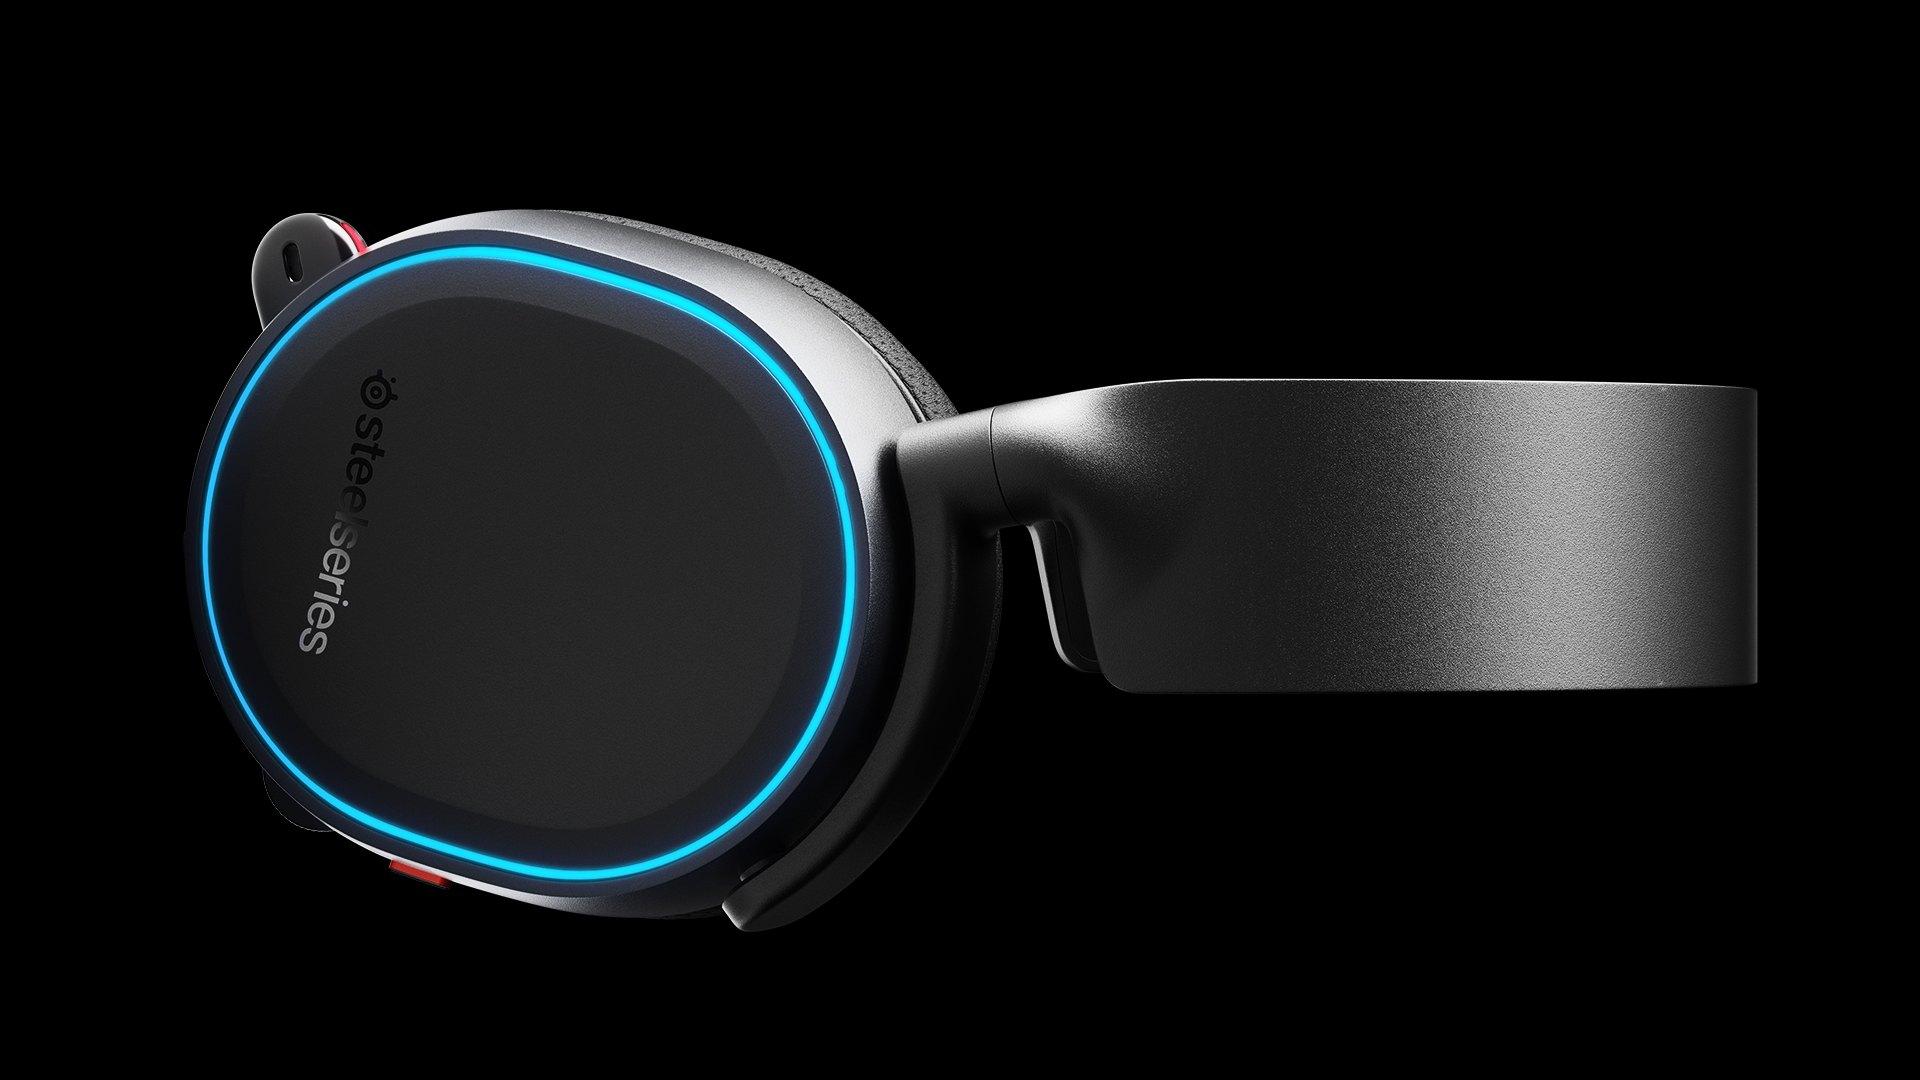 耳機水平渲染,以耳機水平渲染,以拉長畫面長度